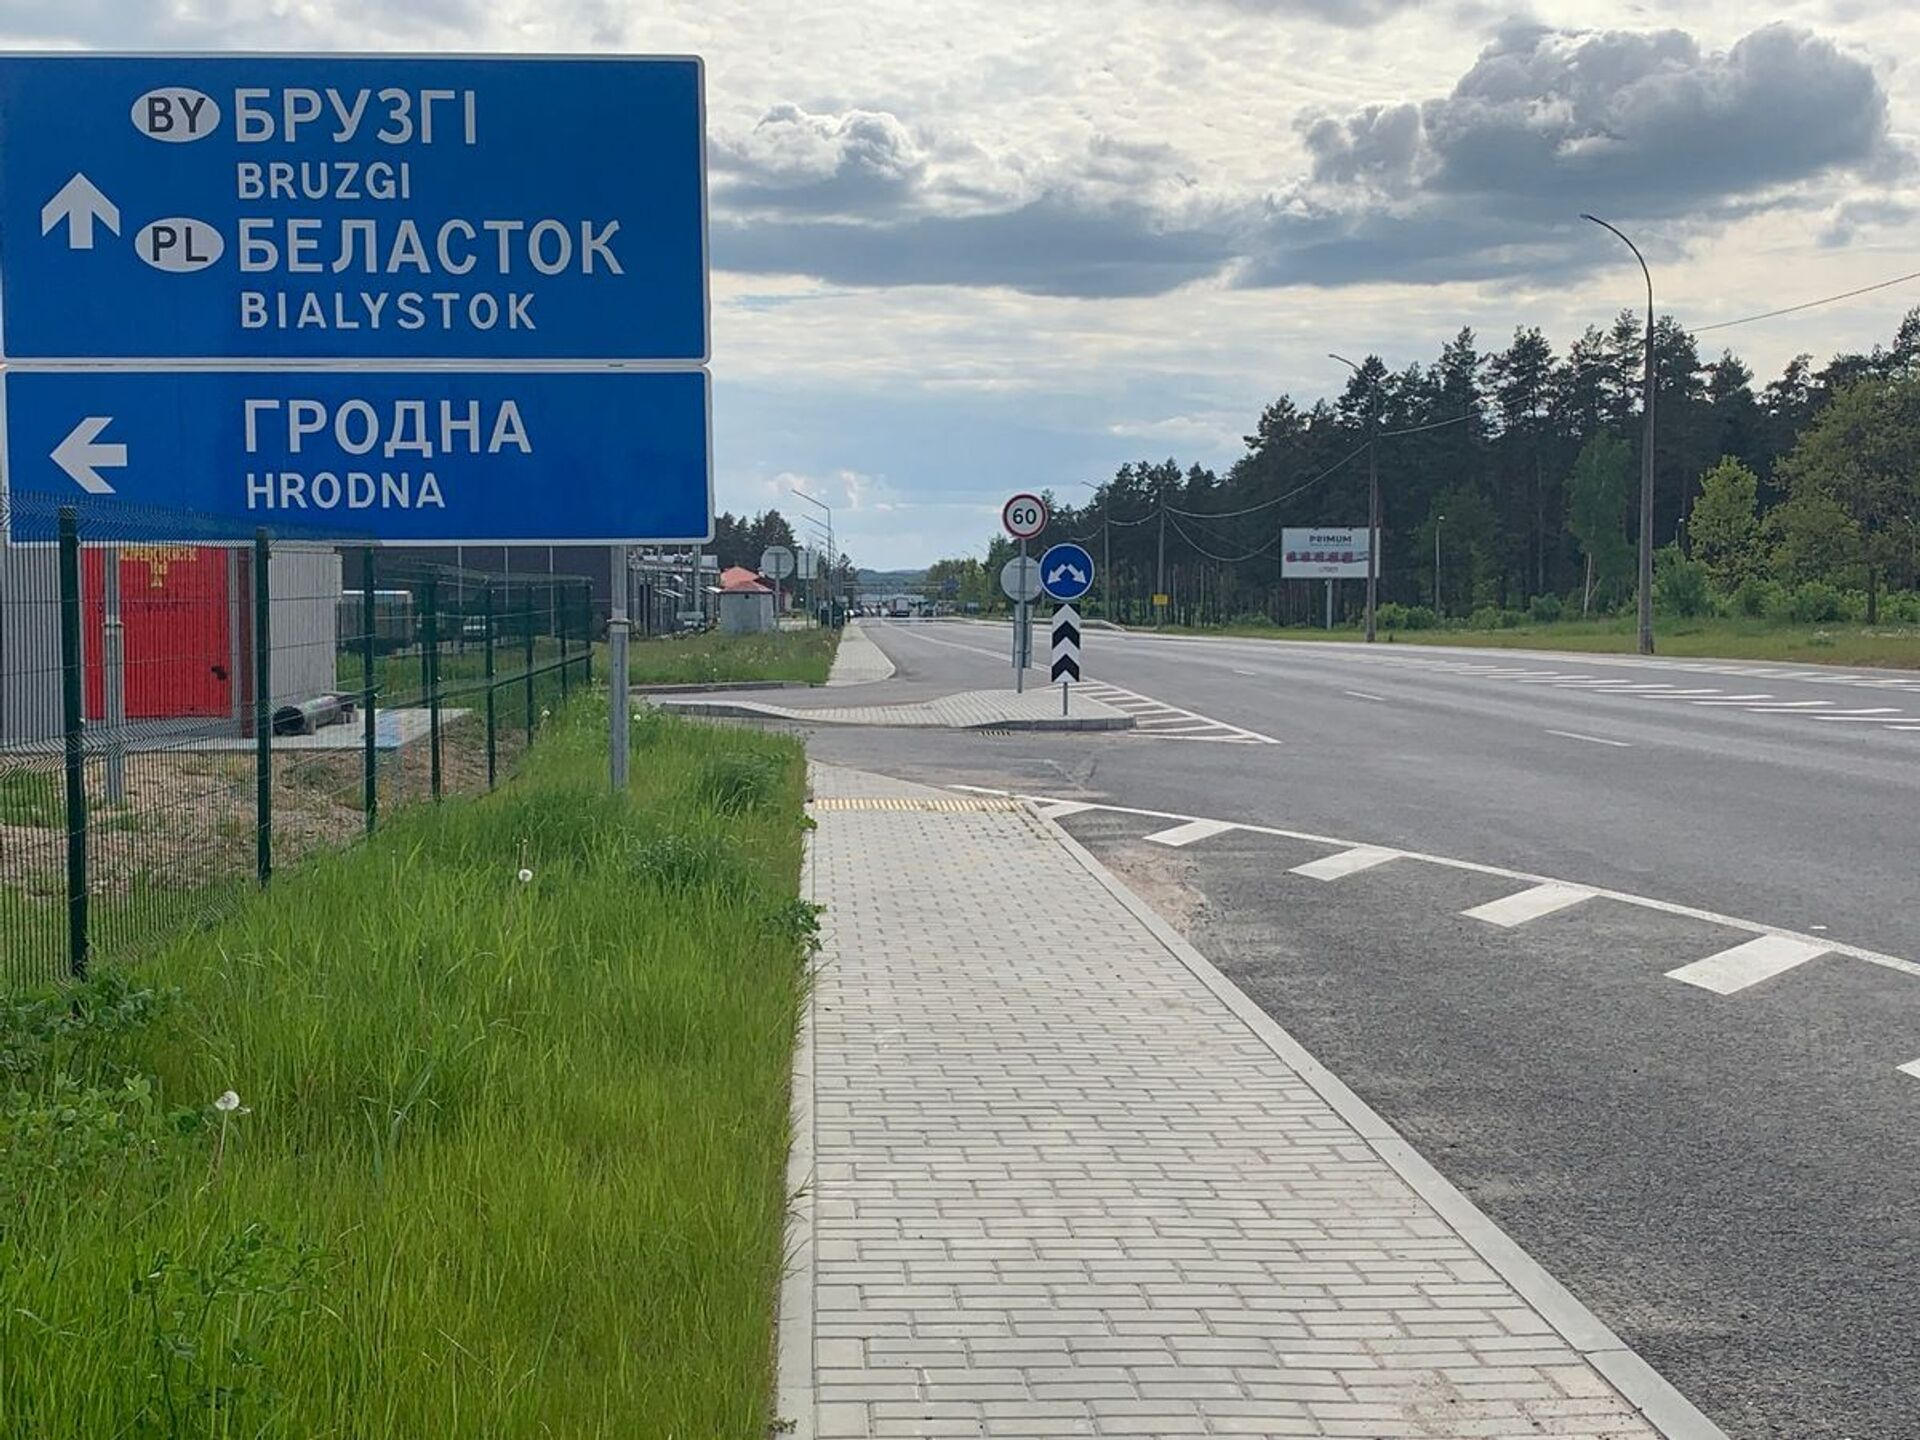 Через границу ездит все так же мало людей - в основном это водители грузовиков - Sputnik Беларусь, 1920, 29.06.2021